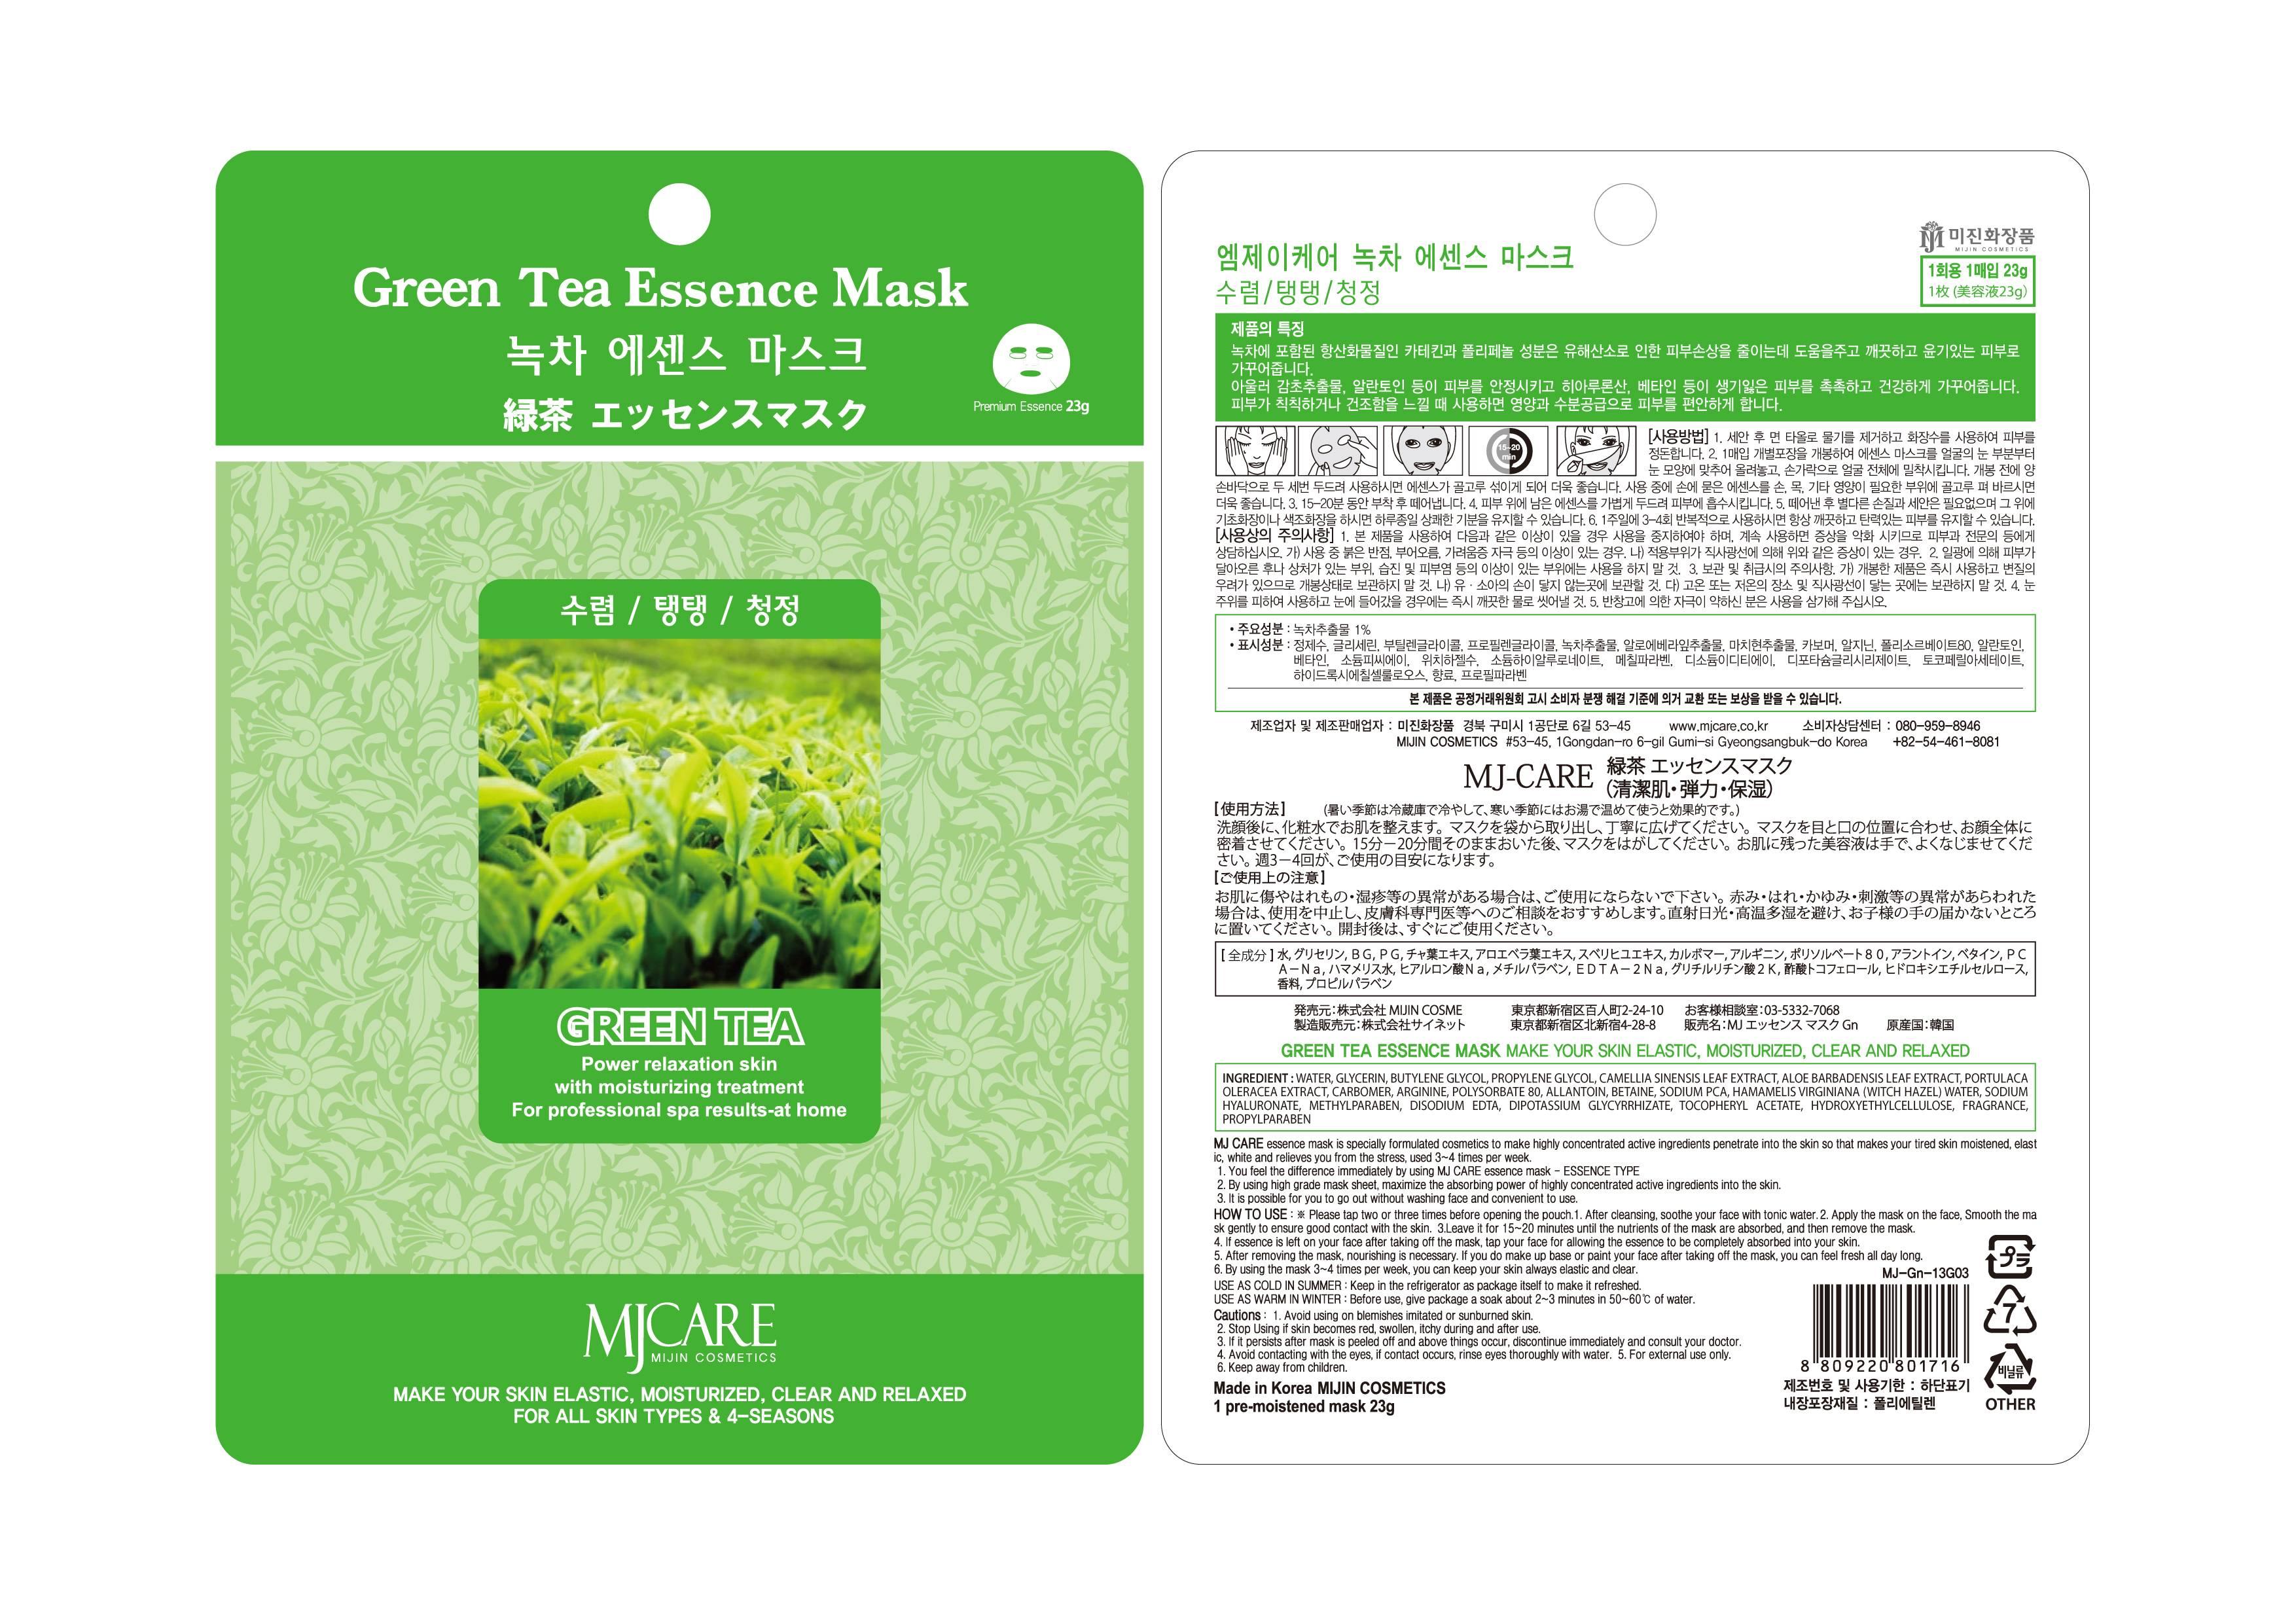 Умывание зеленым чаем, преимущества процедуры и рецепты